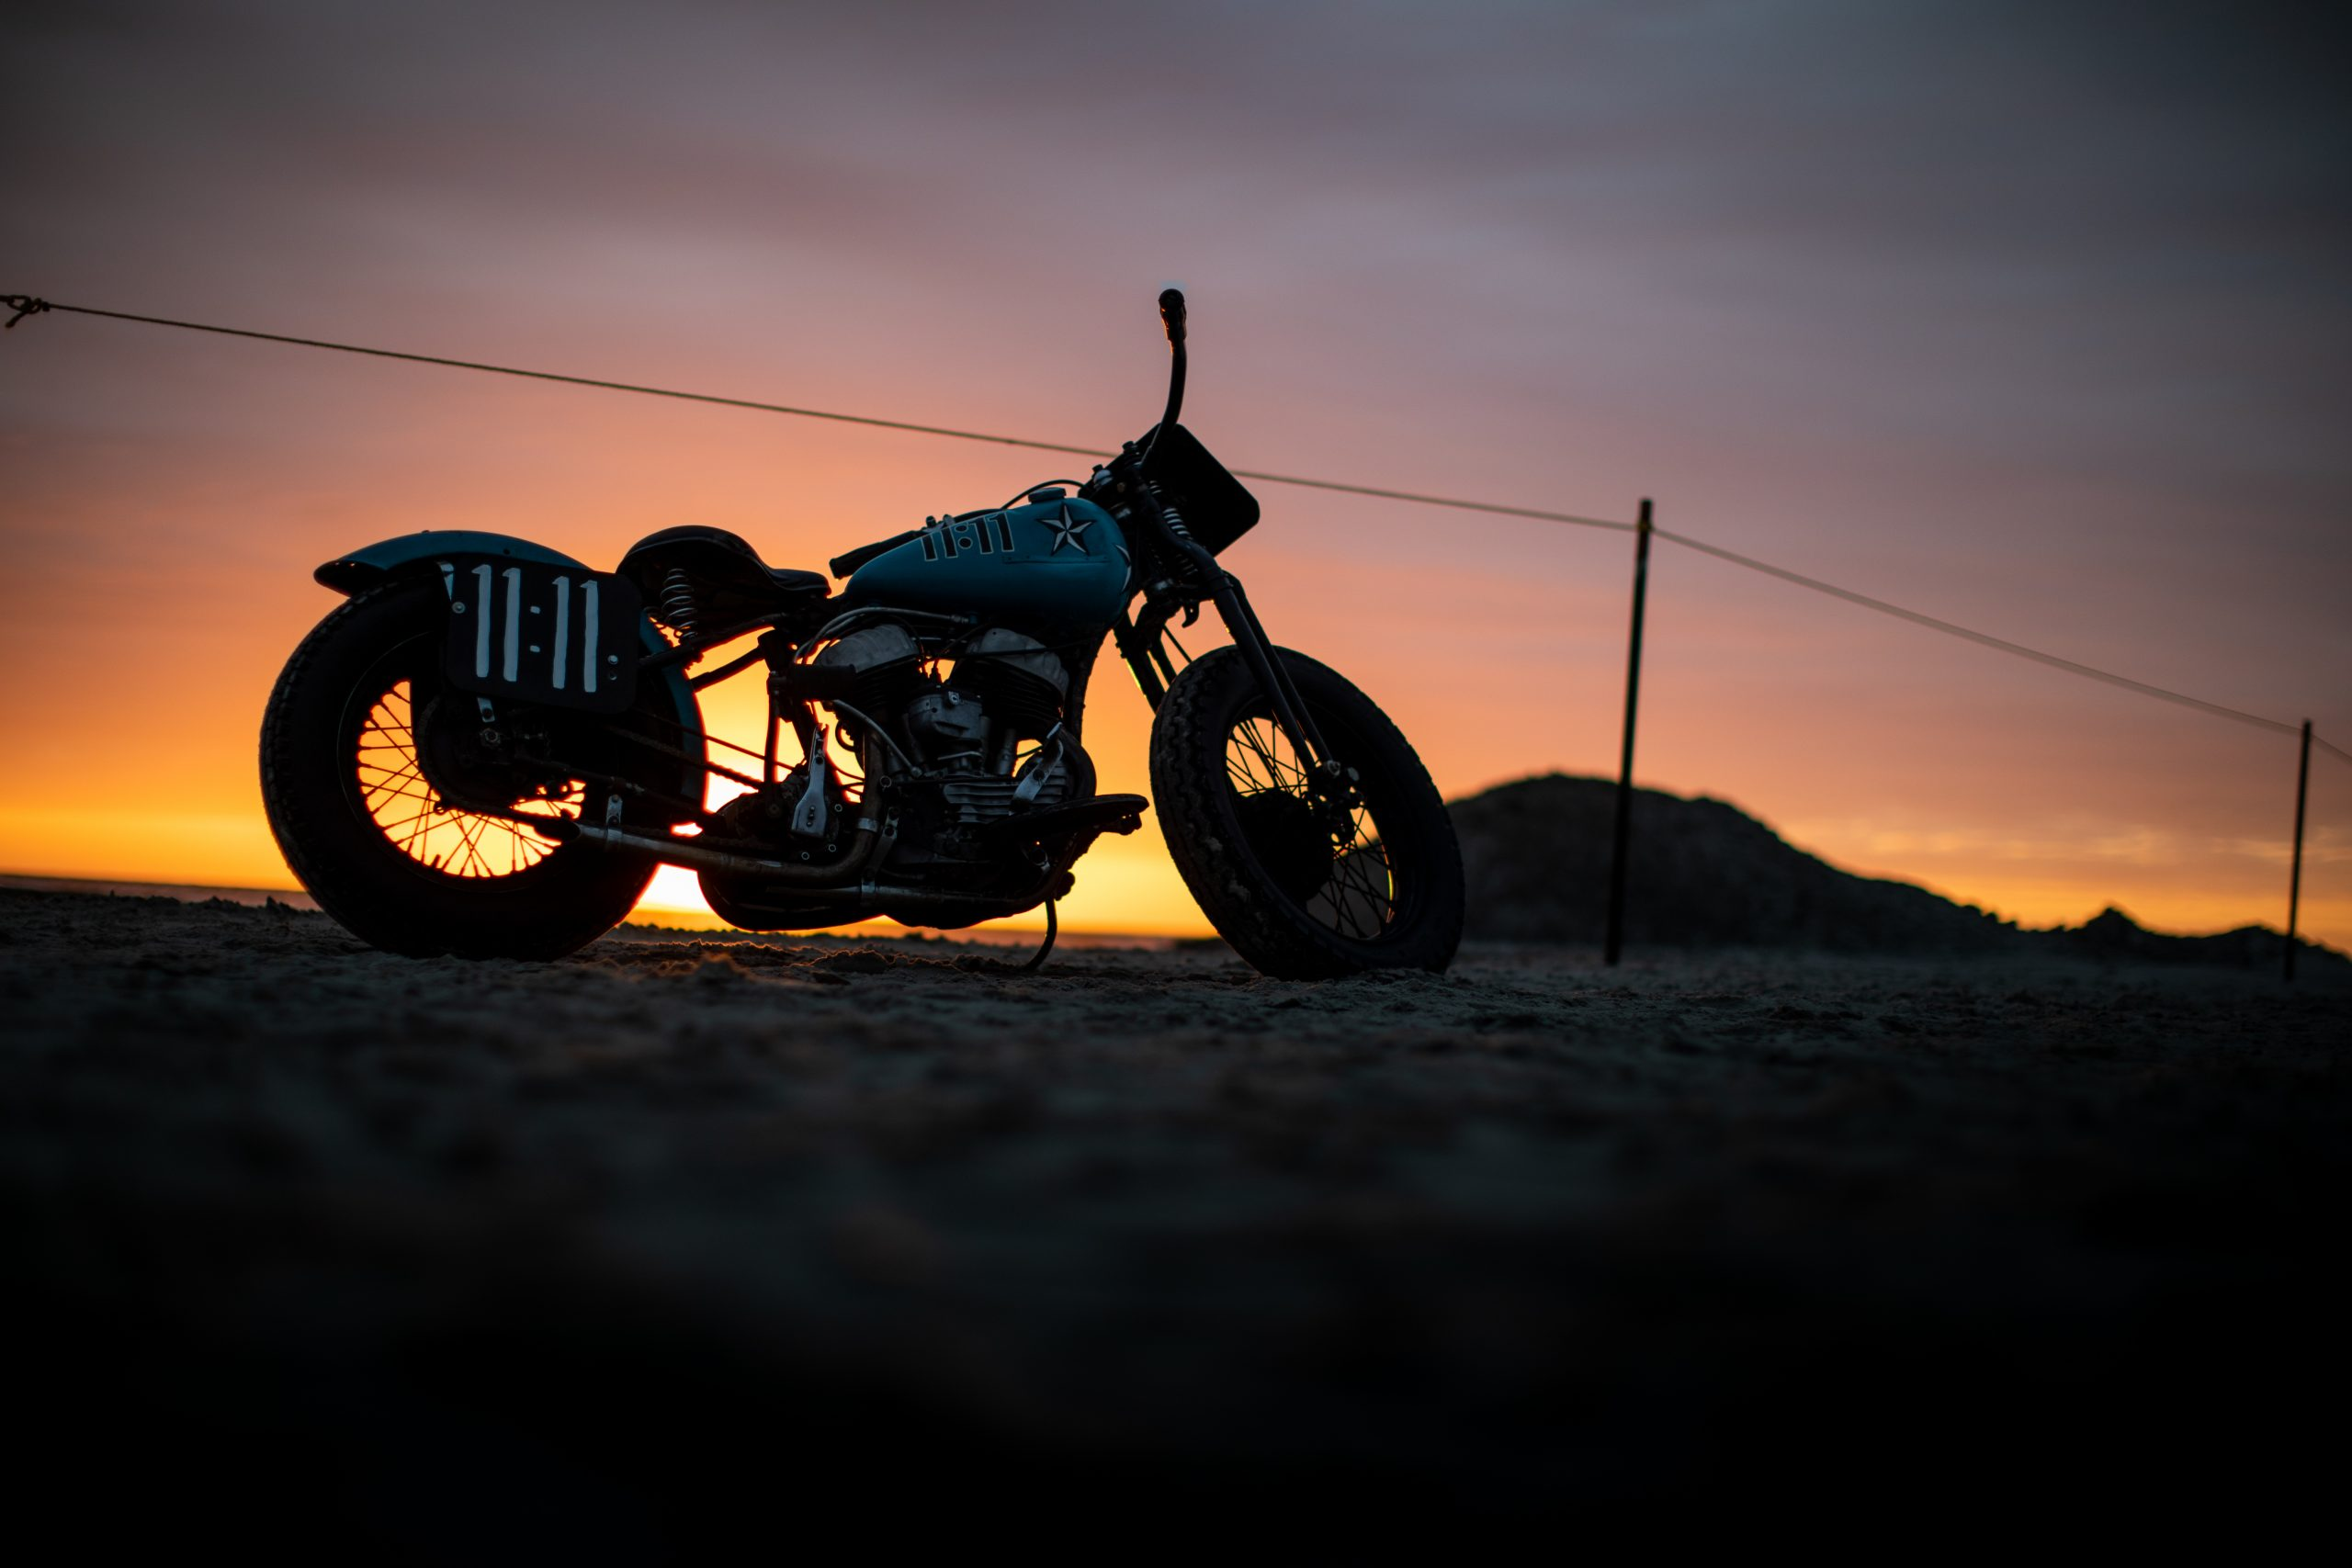 motorbike drag racer sundown silhouette